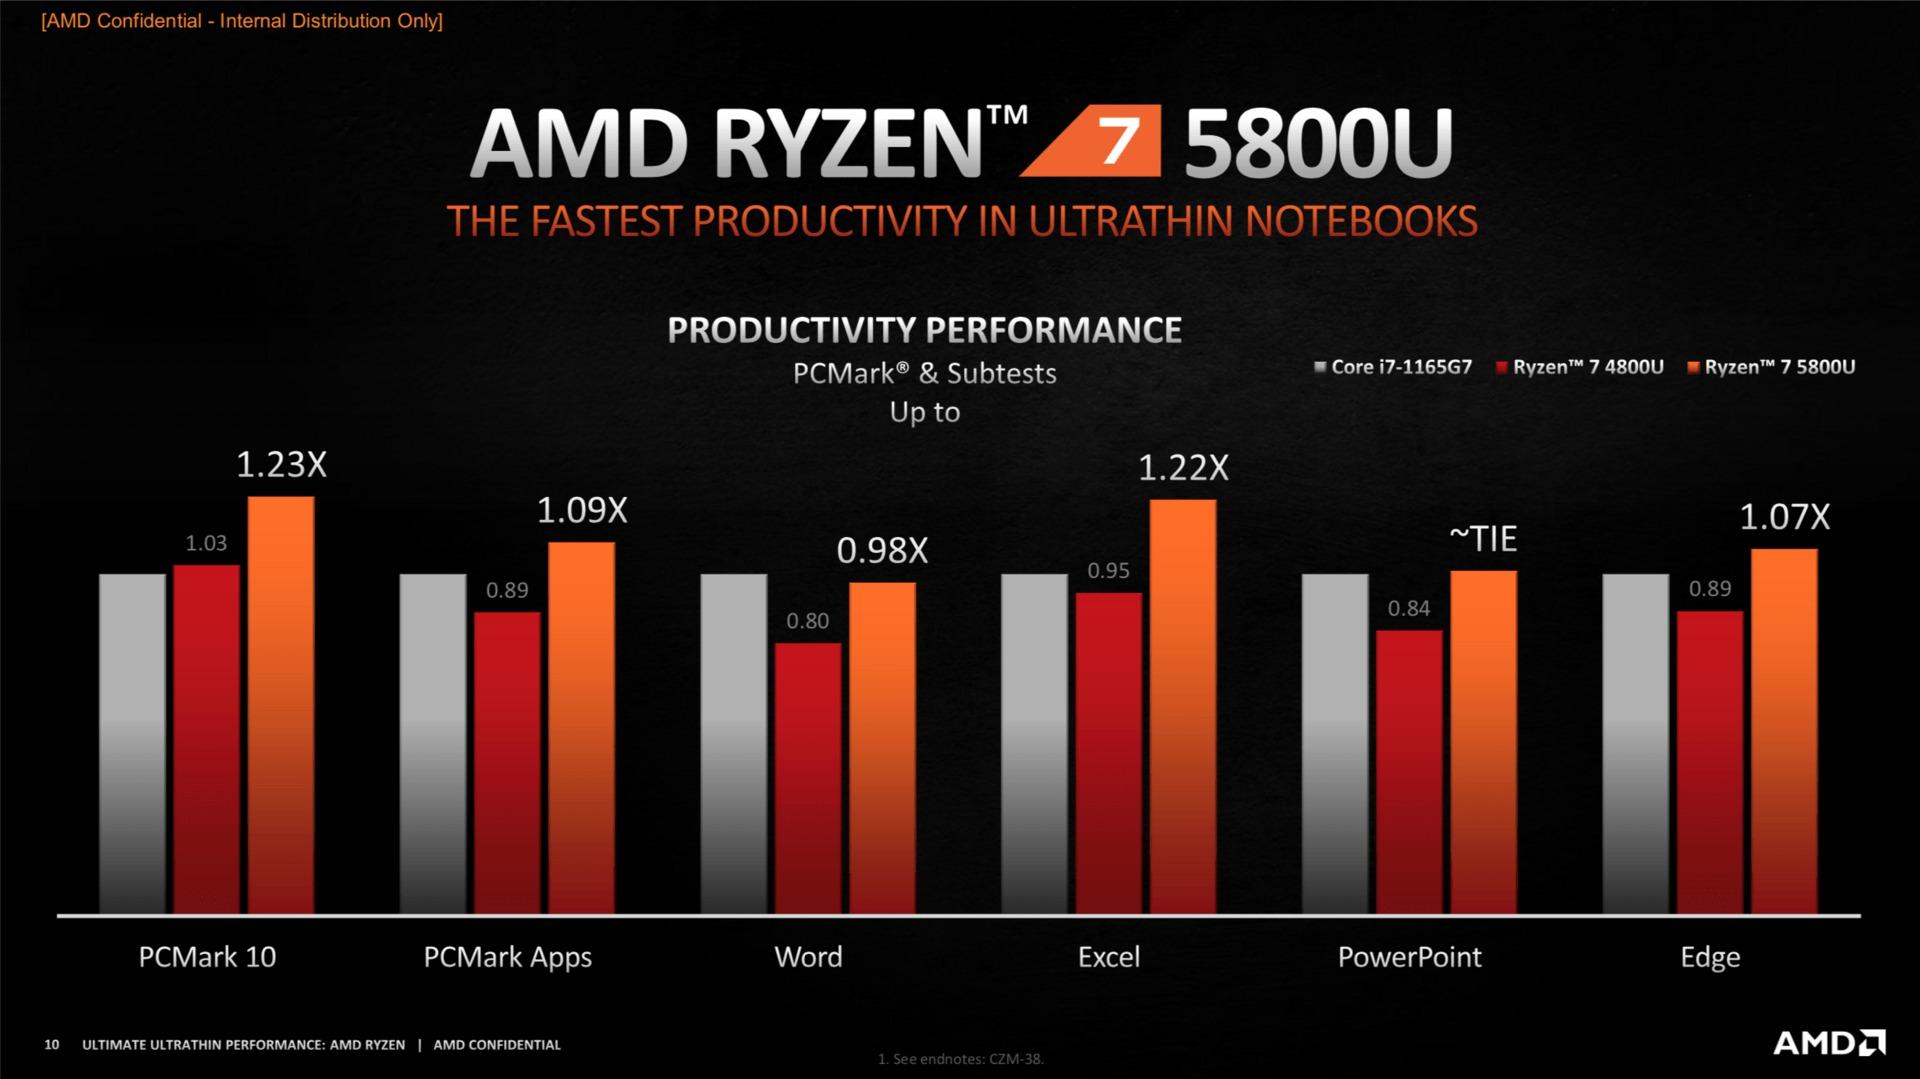 Comparaison entre le Ryzen 7 5800U et le i7-1165G7 dans les tâches de bureau